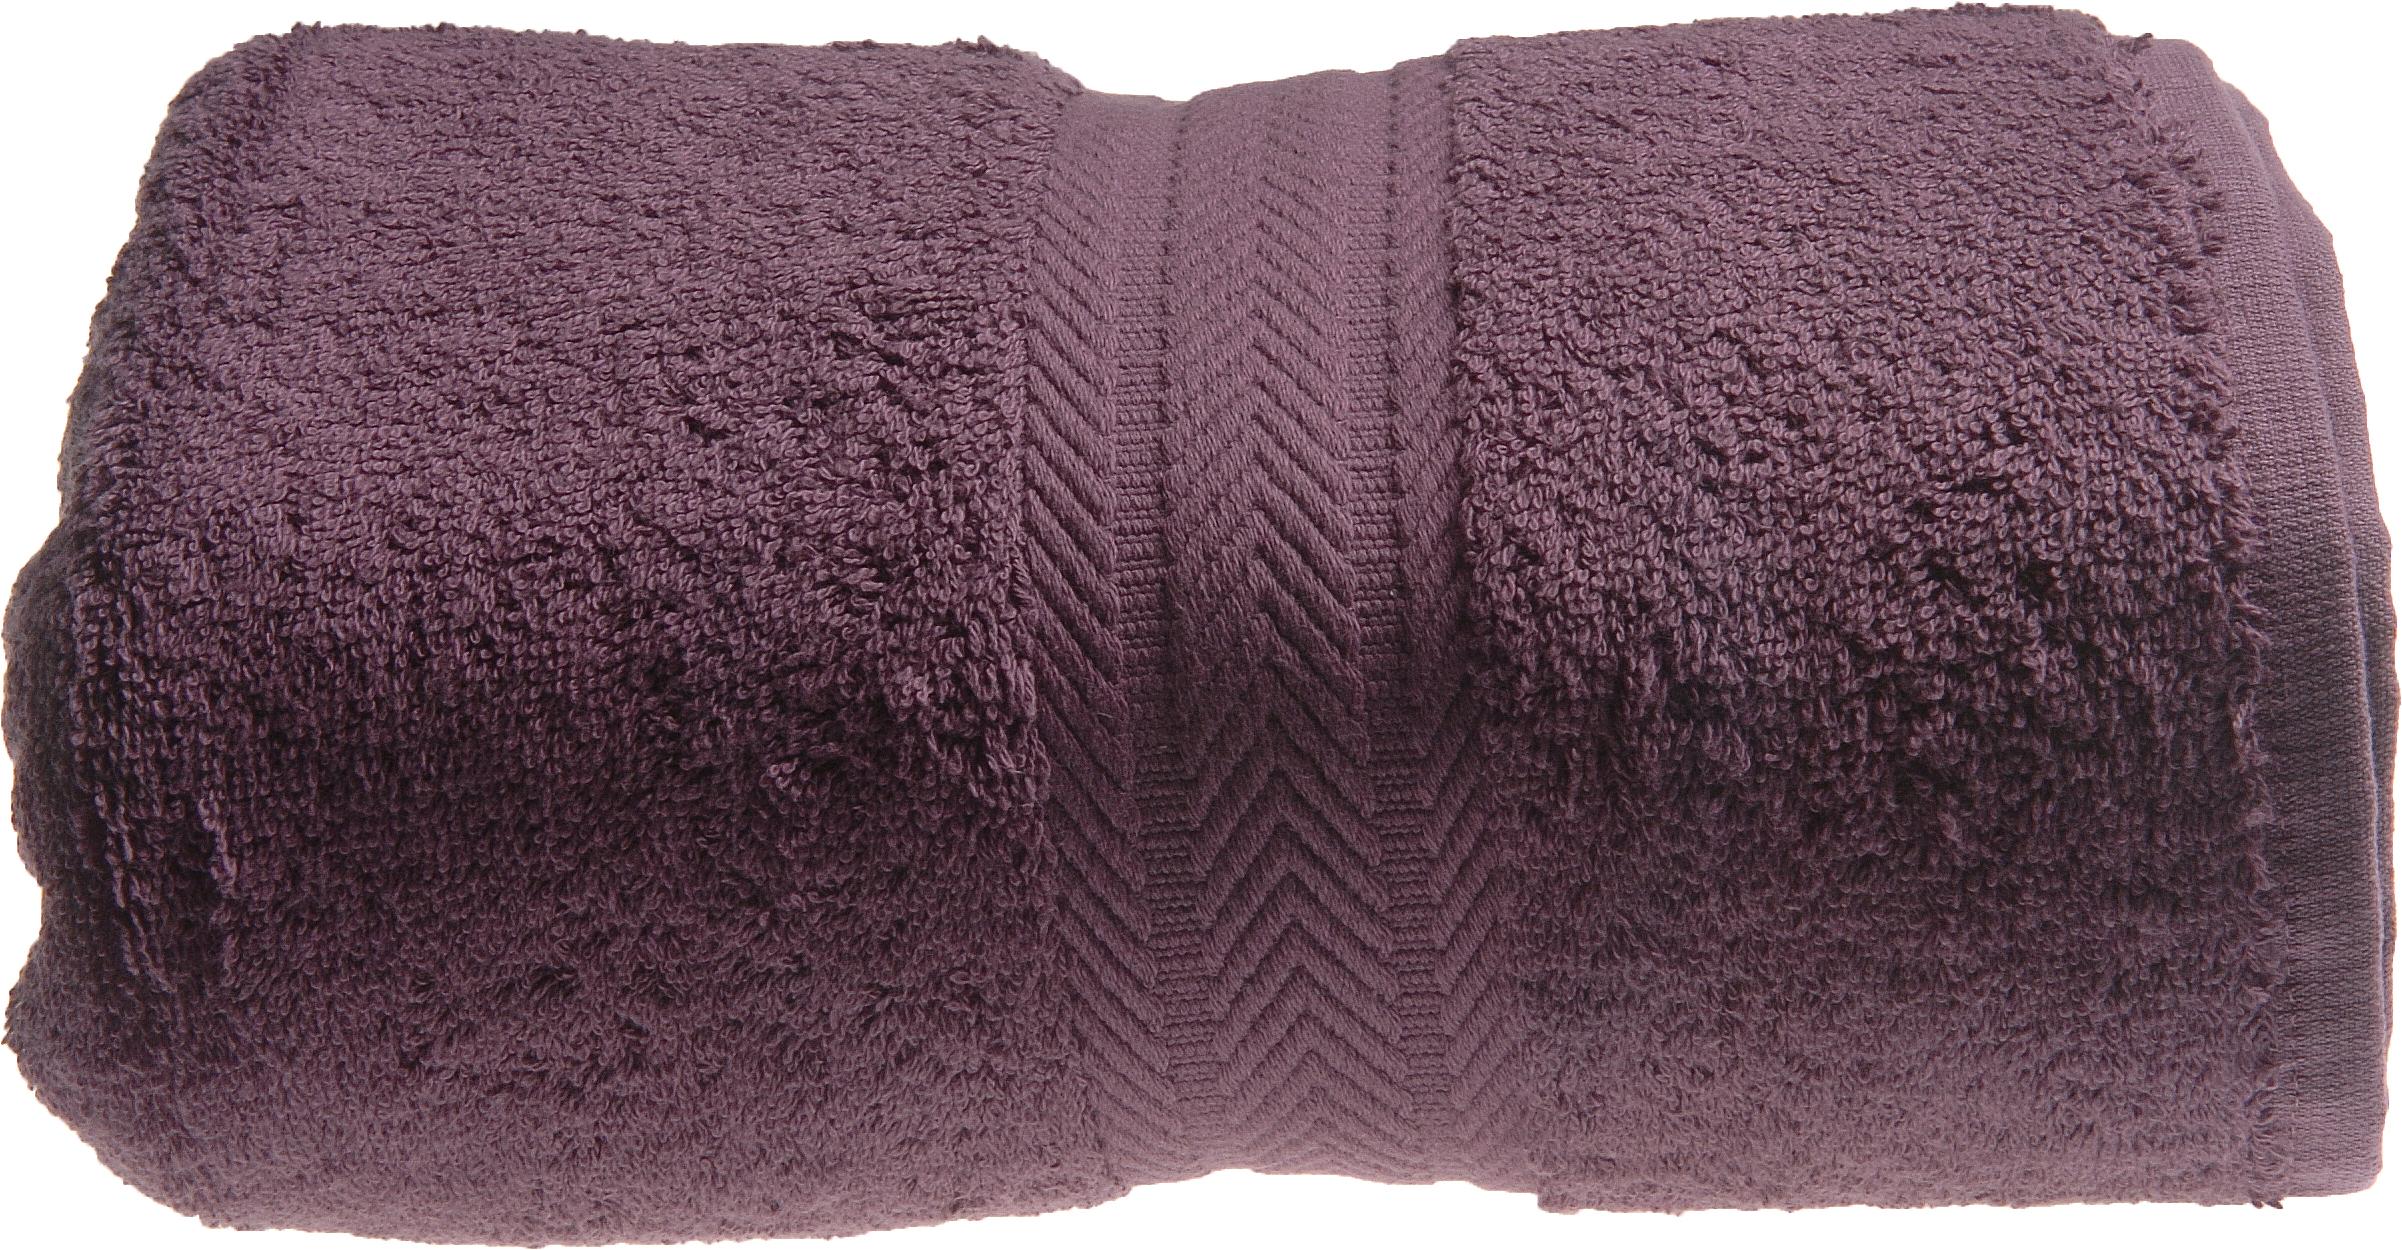 Serviette invitée 30 x 50 cm en Coton couleur Myrtille (Myrtille)